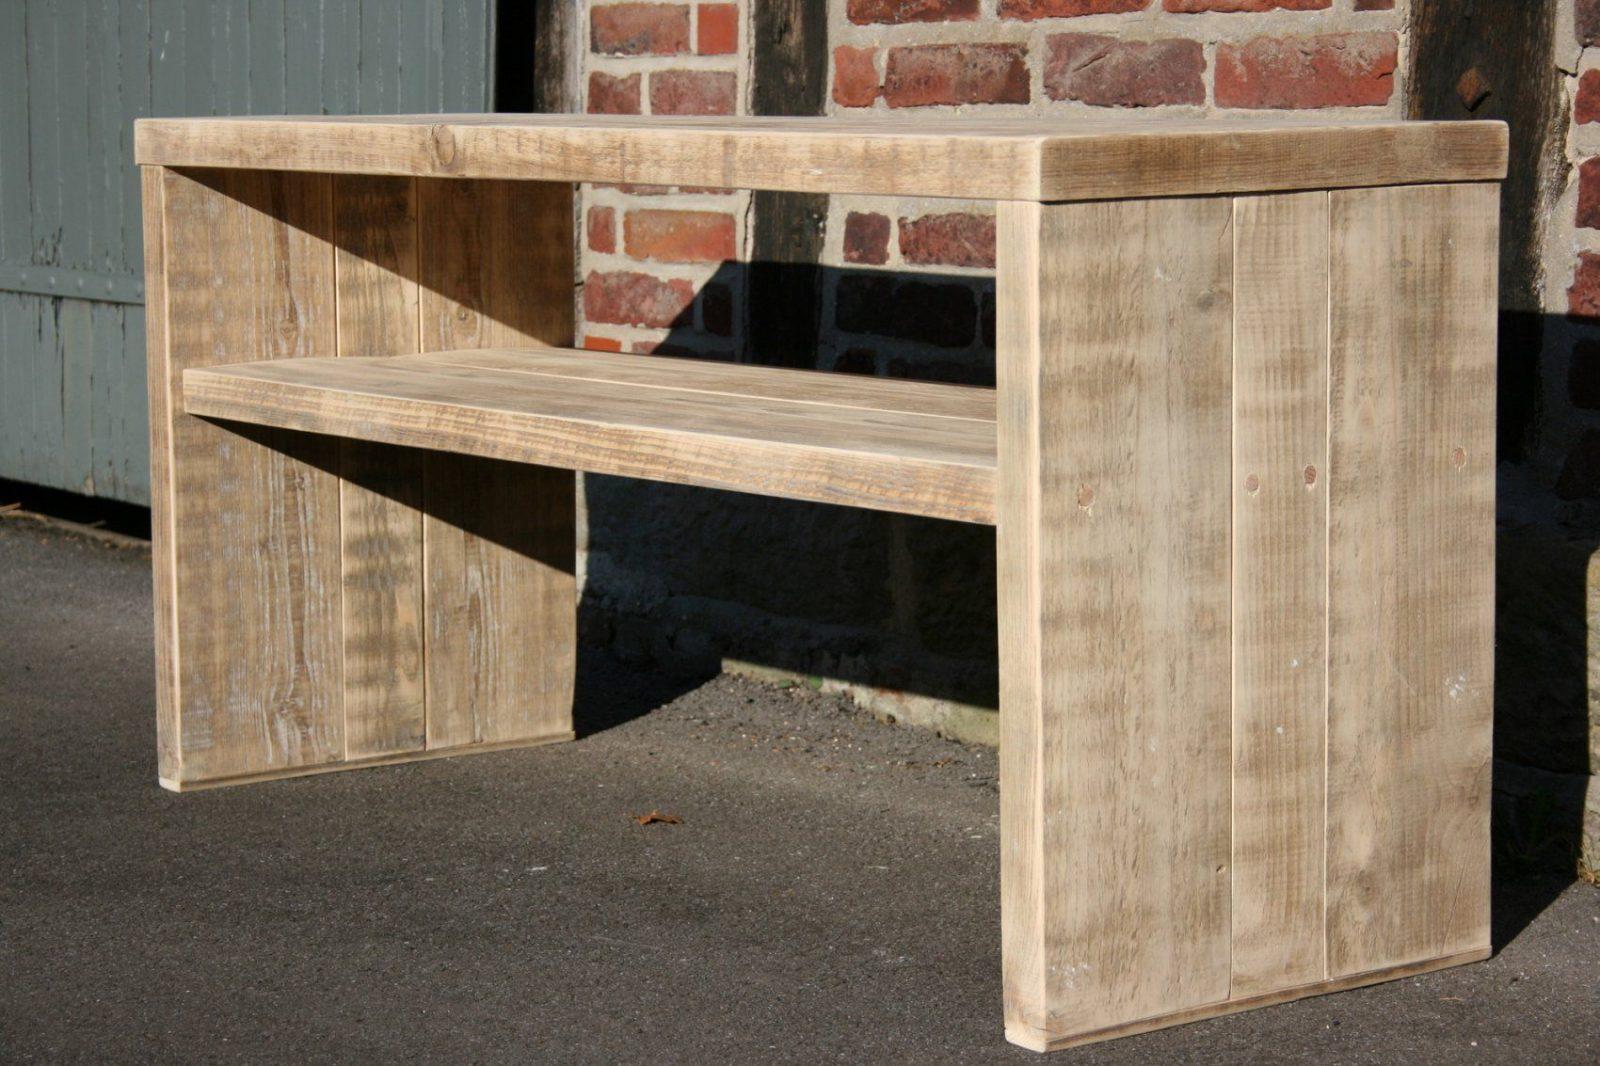 Möbel Aus Bauholz Selber Bauen  Die Besten Einrichtungsideen Und von Möbel Aus Gerüstbohlen Selber Bauen Bild